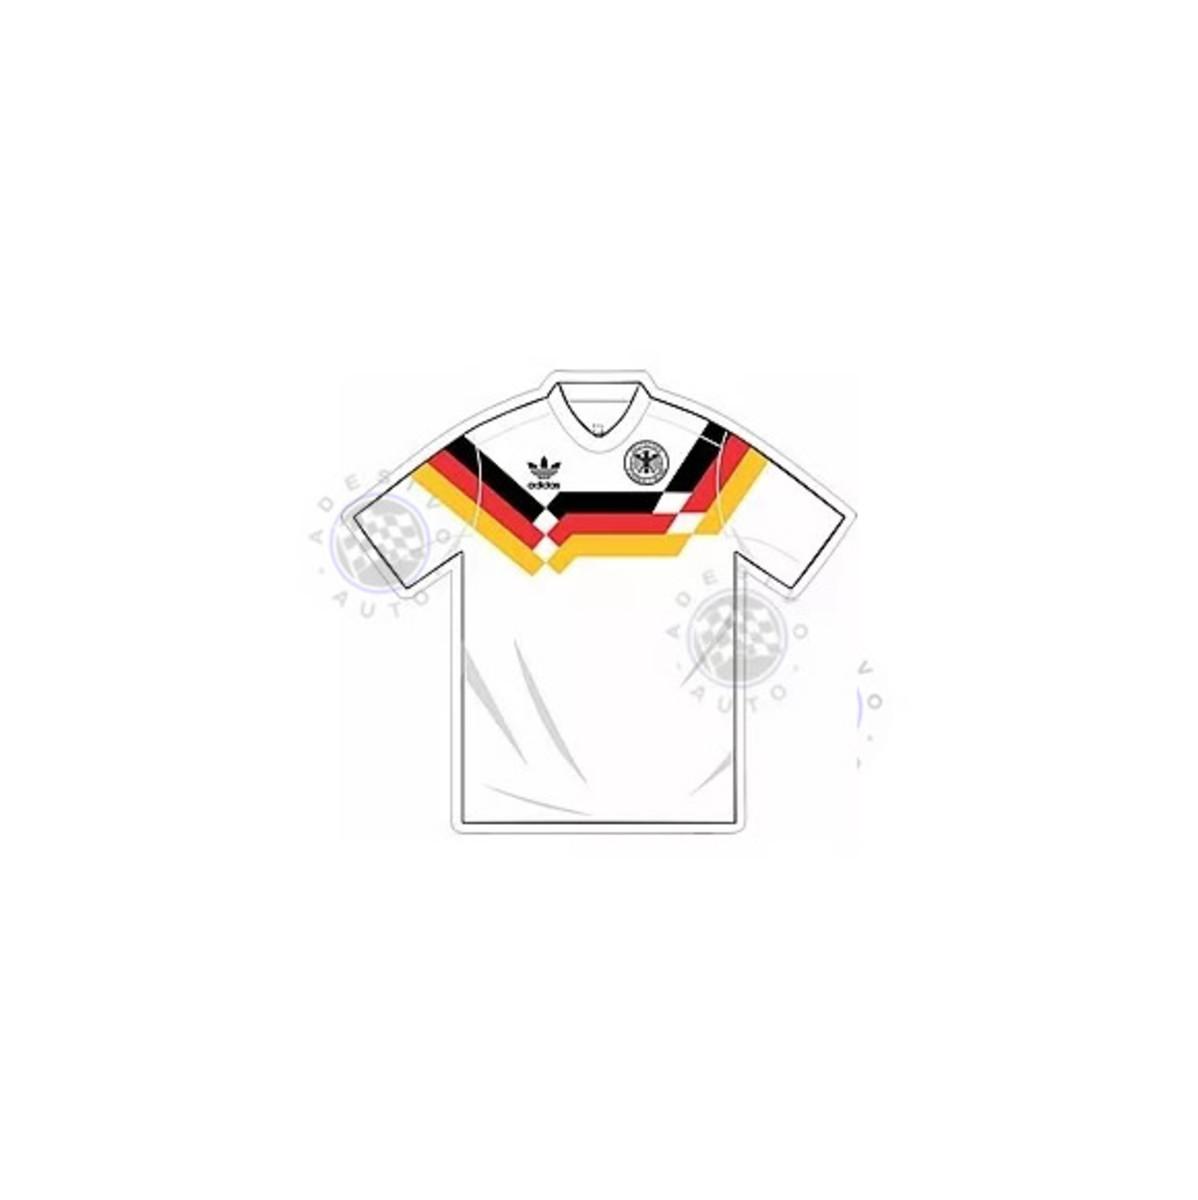 ffaae9d51a Adesivo Camisa Seleção Alemanha Futebol Copa Do Mundo 1990 no Elo7 ...